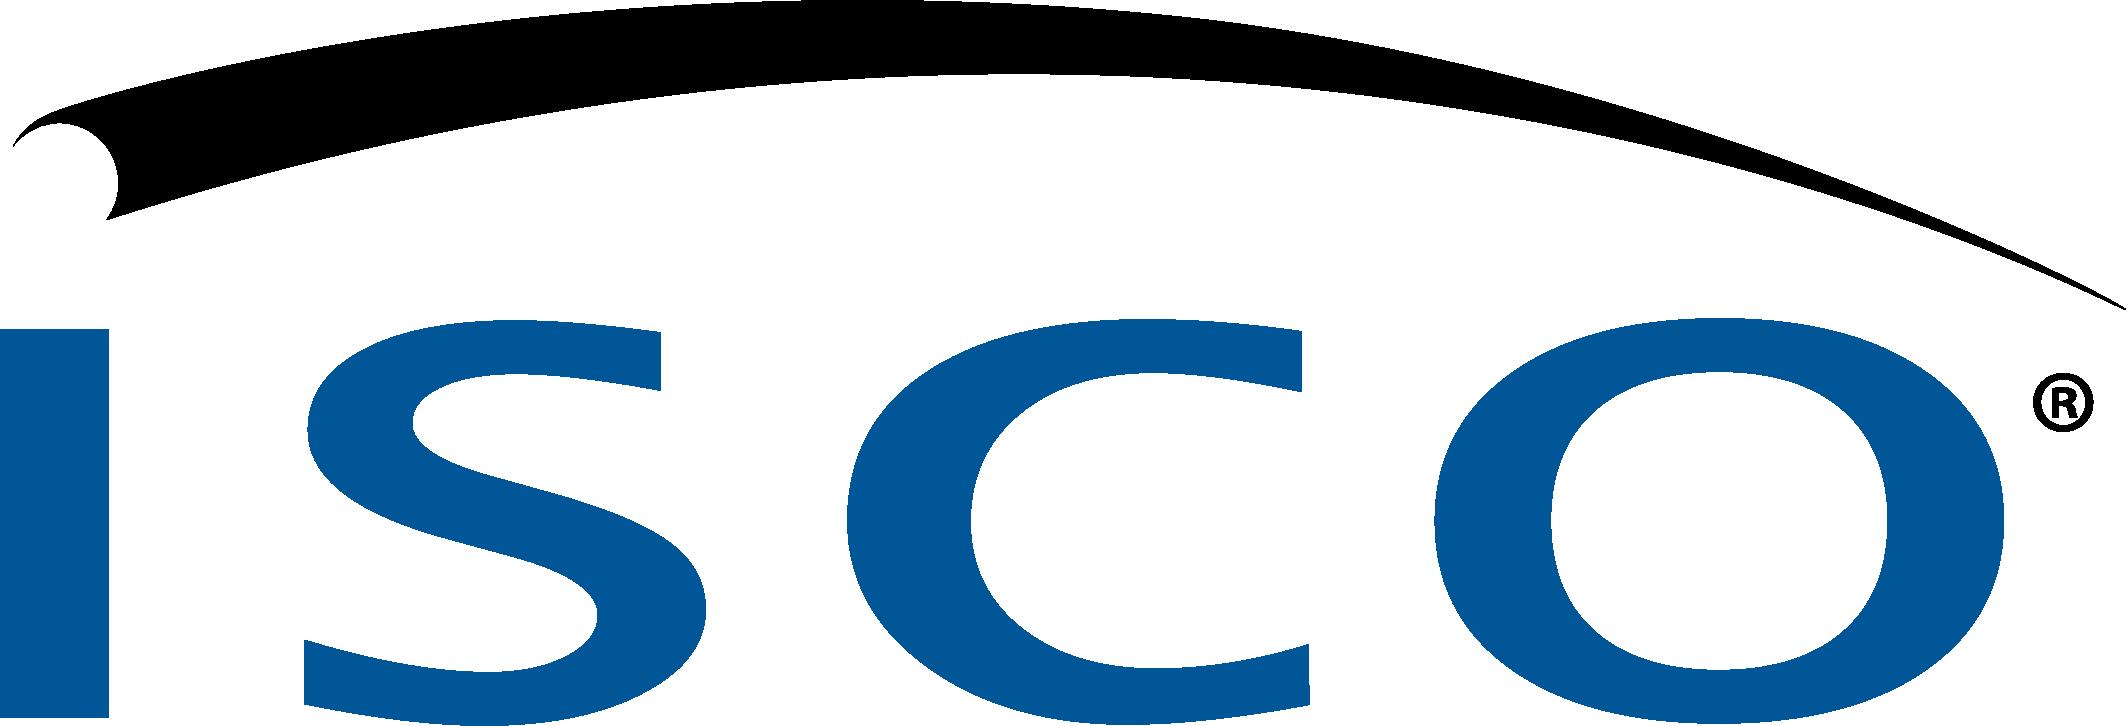 ISCO Logo (no industries)